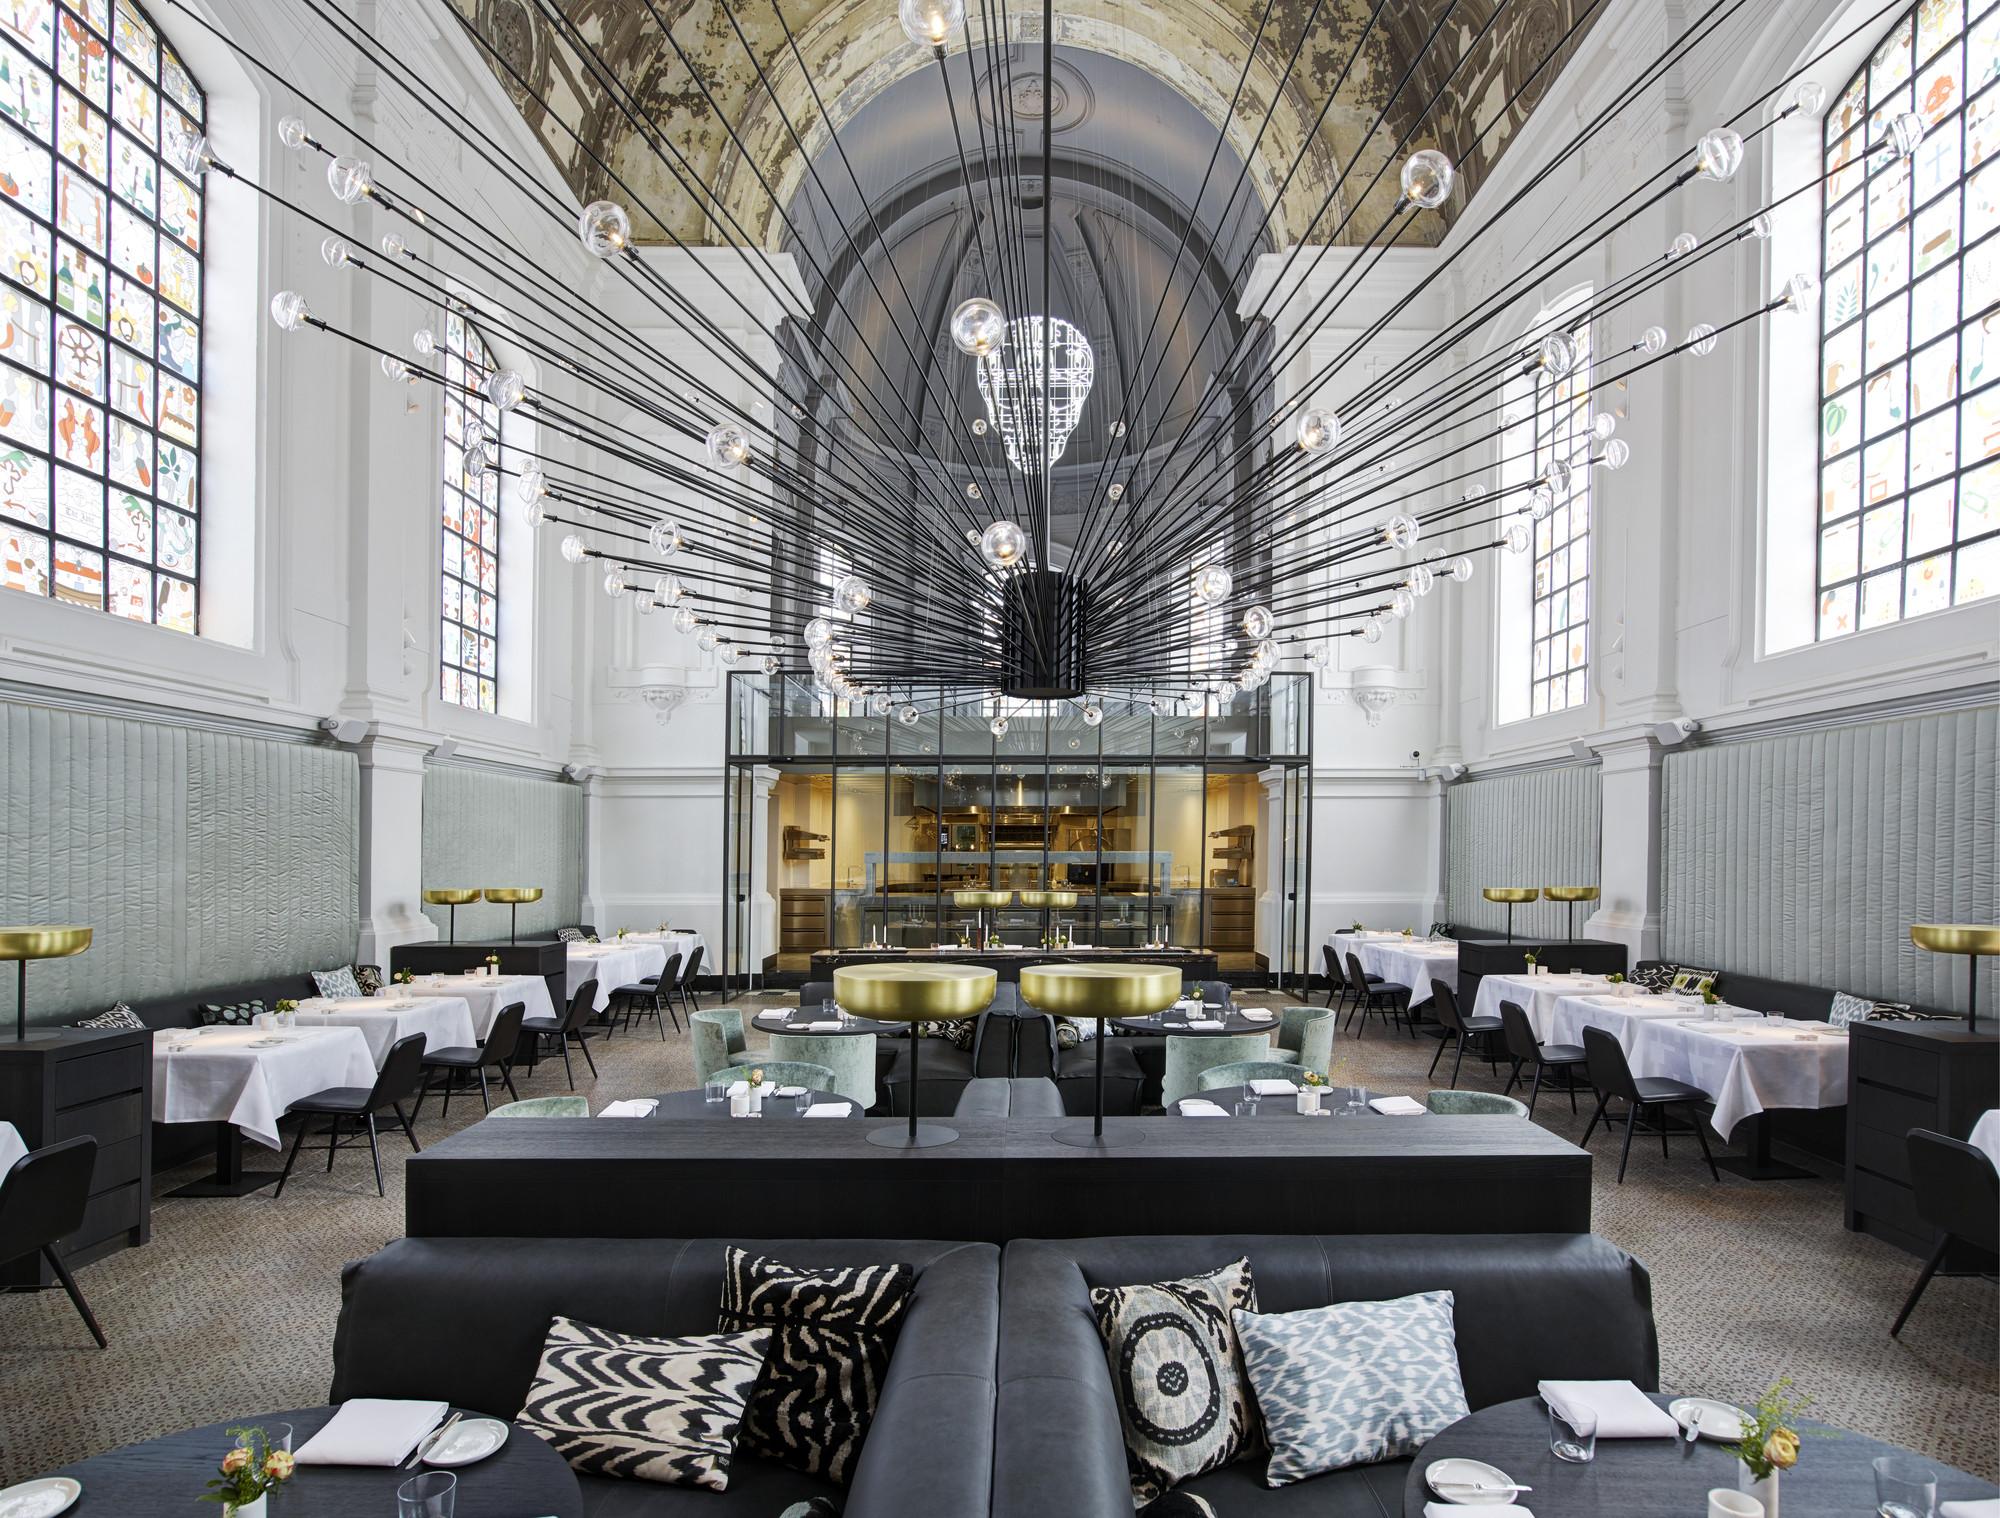 مطاعم حديثة بتصميم ملهم يجب عليك زيارته